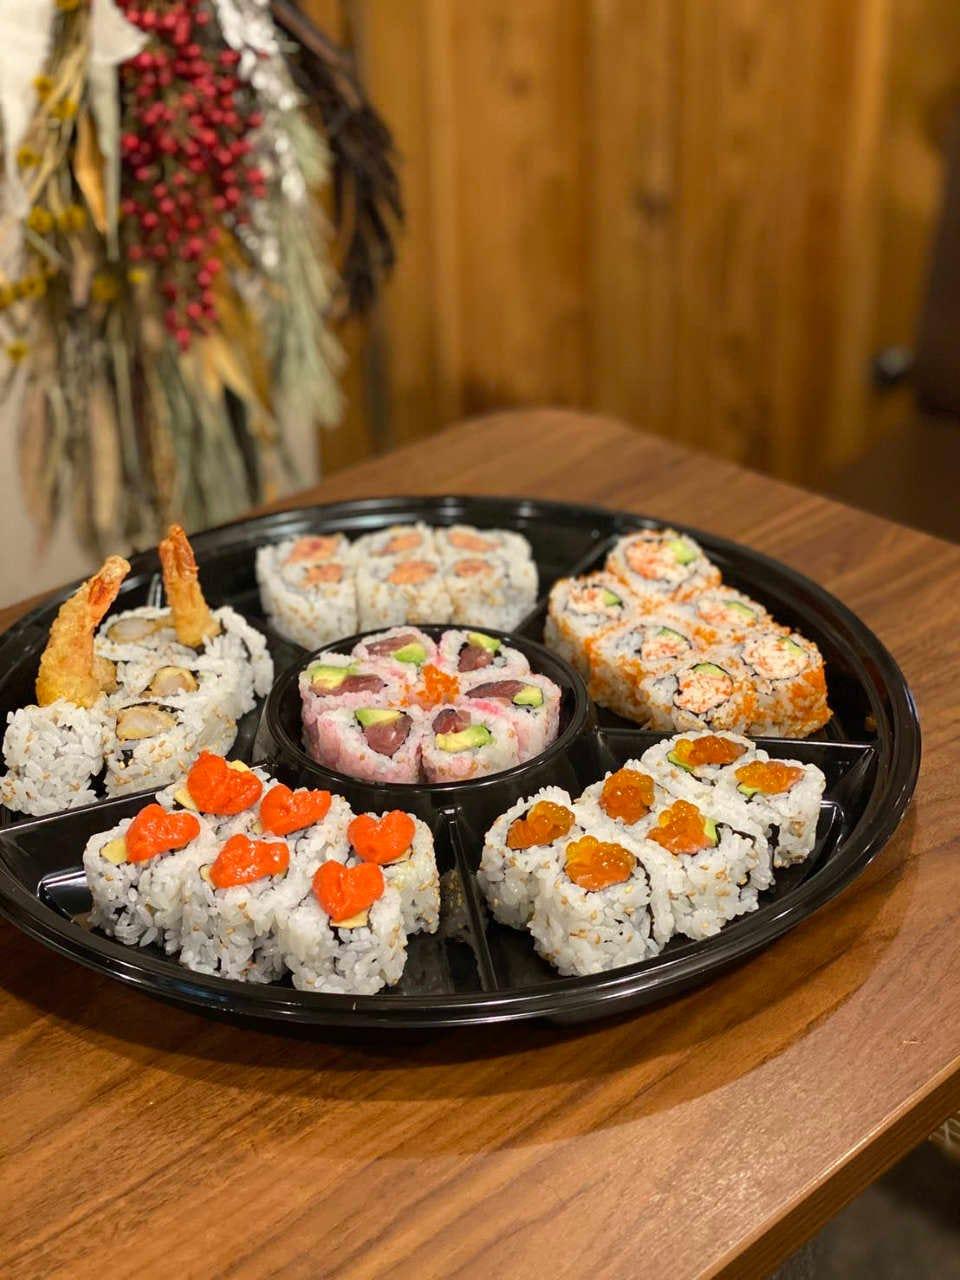 太郎壽司 Taro sushi ロール壽司の店 三軒茶屋